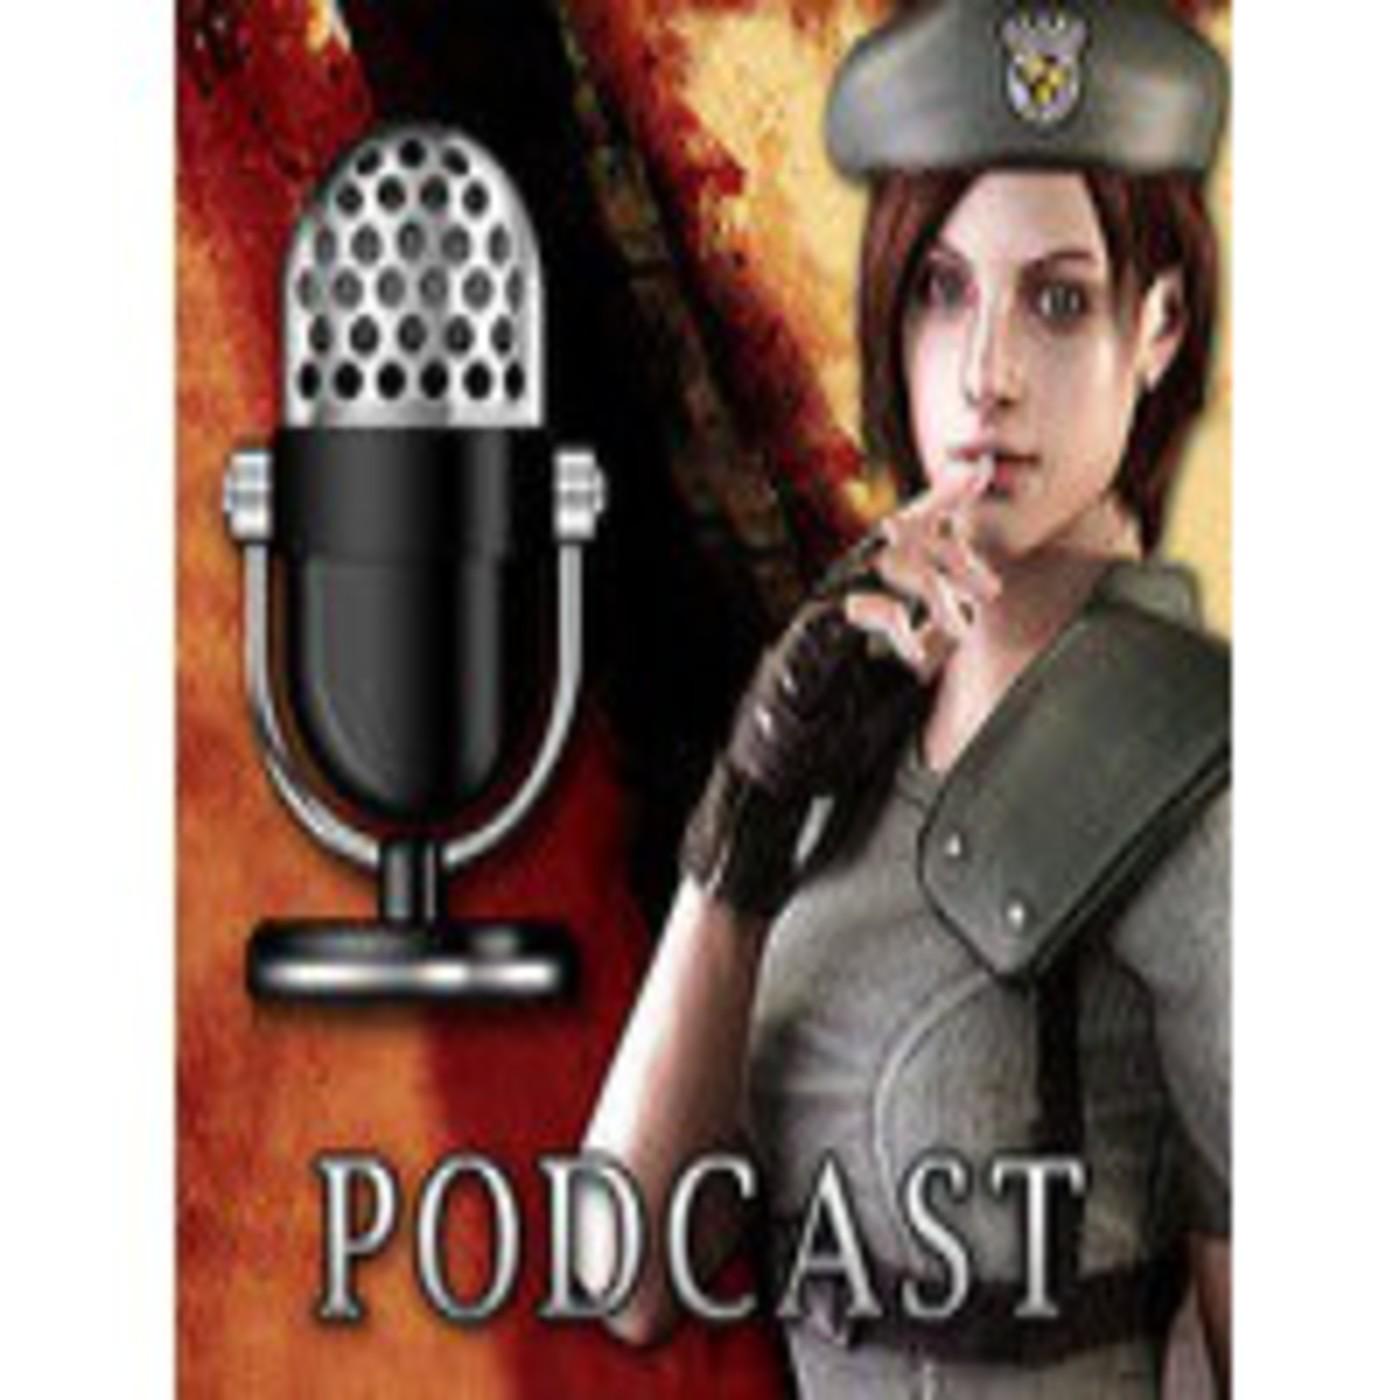 Resident Evil Center #4 PODCAST